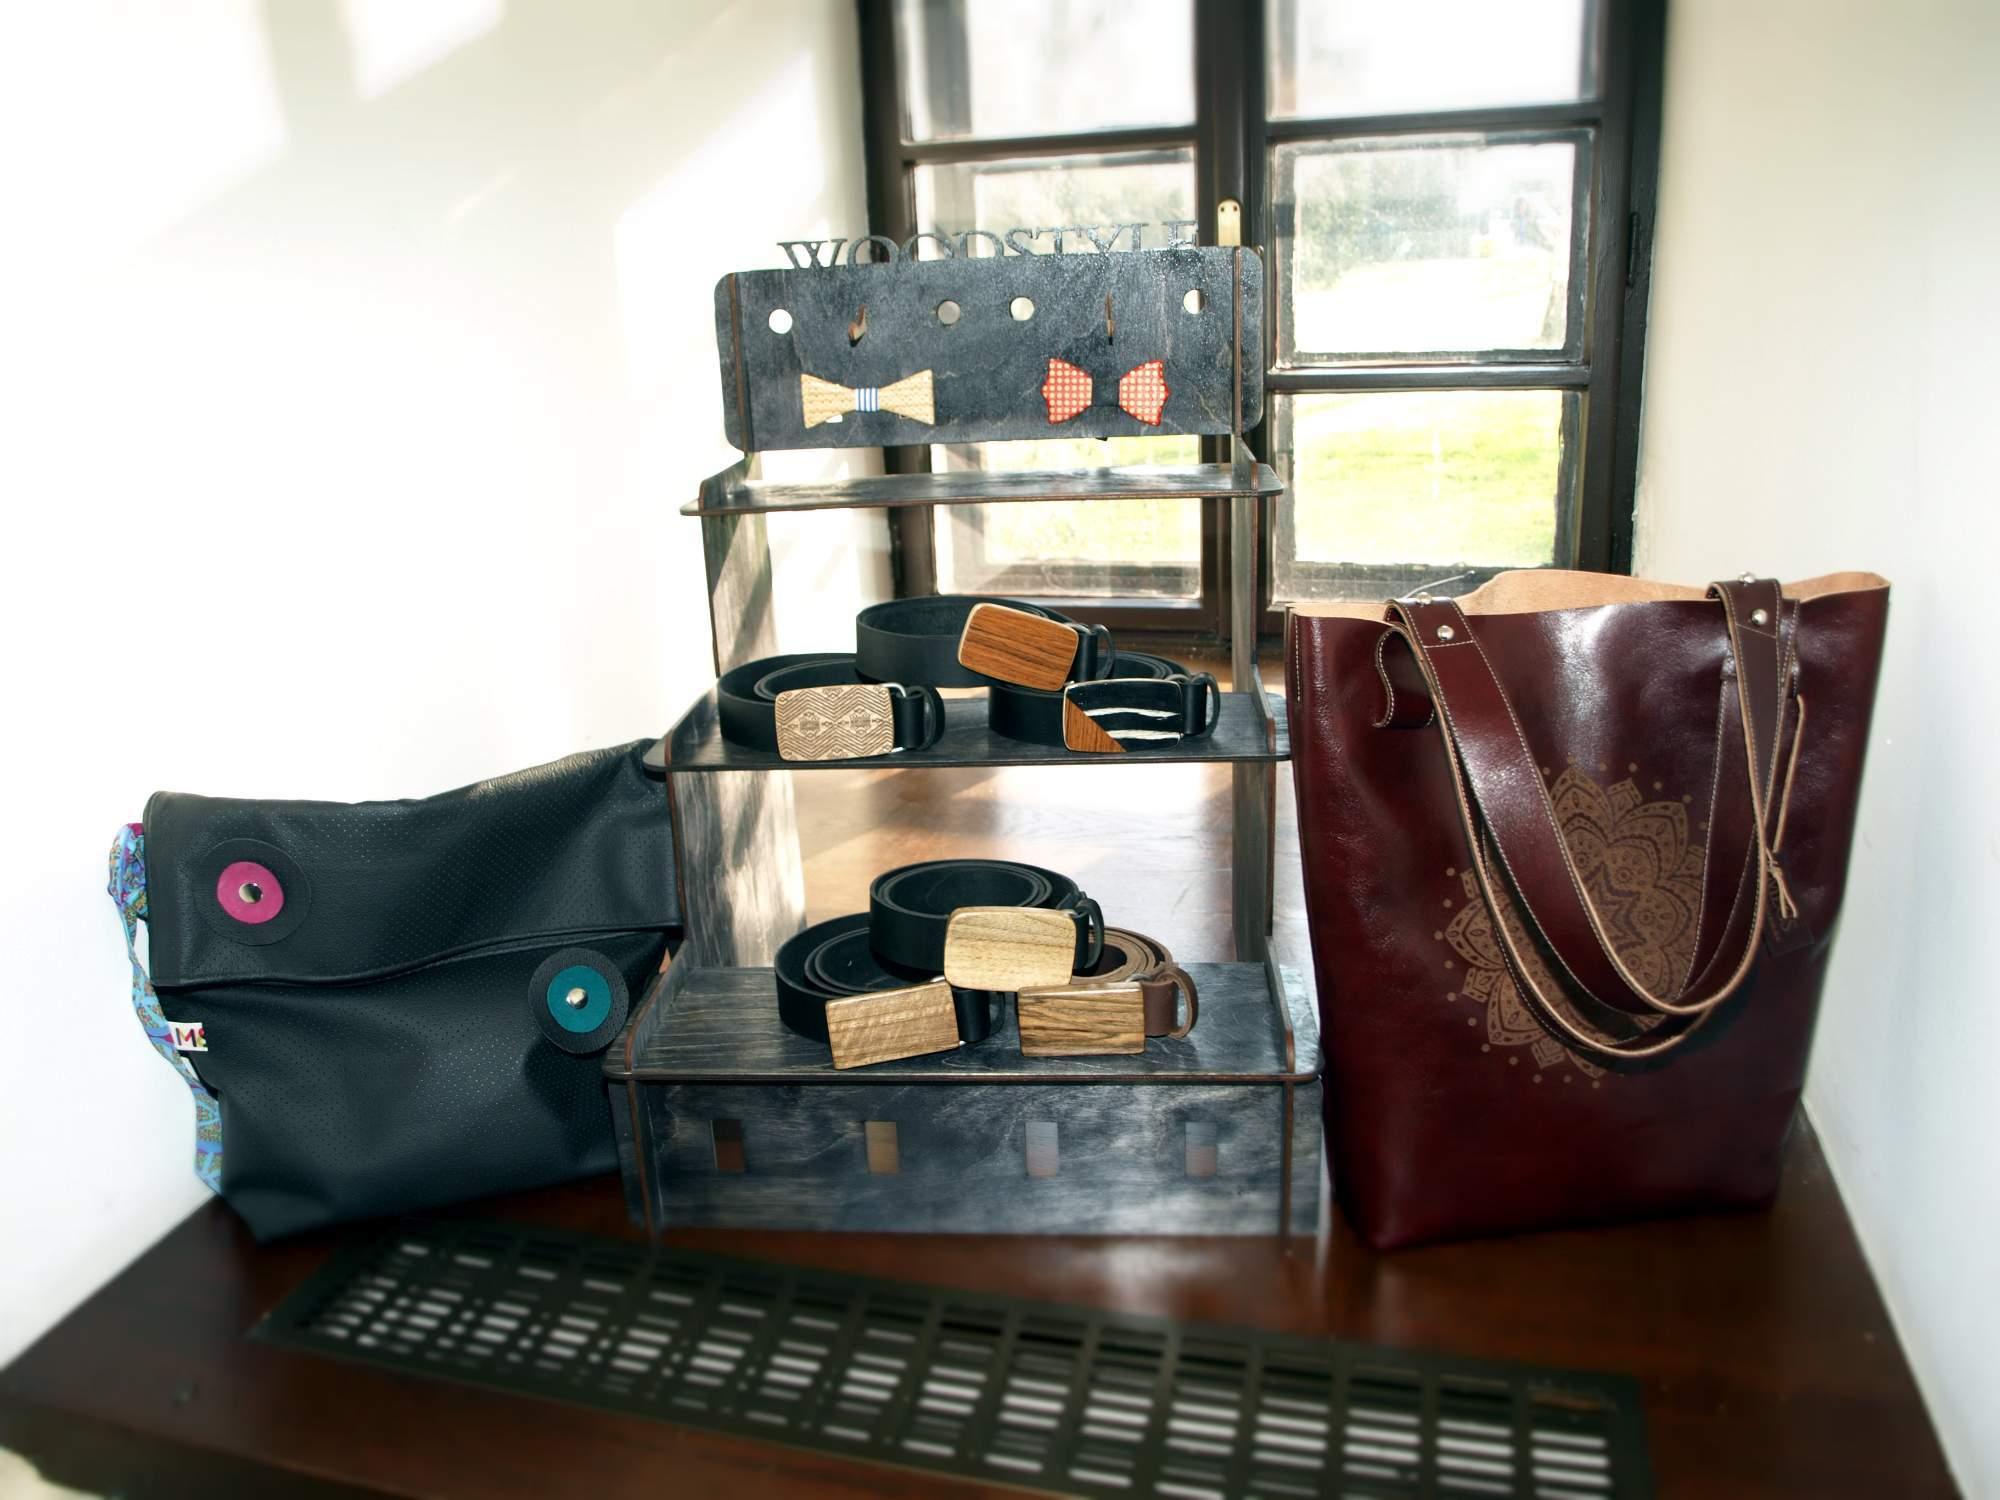 Kožené kabelky s rytím a dřevění motýlci. Foto: Bečáková Klára